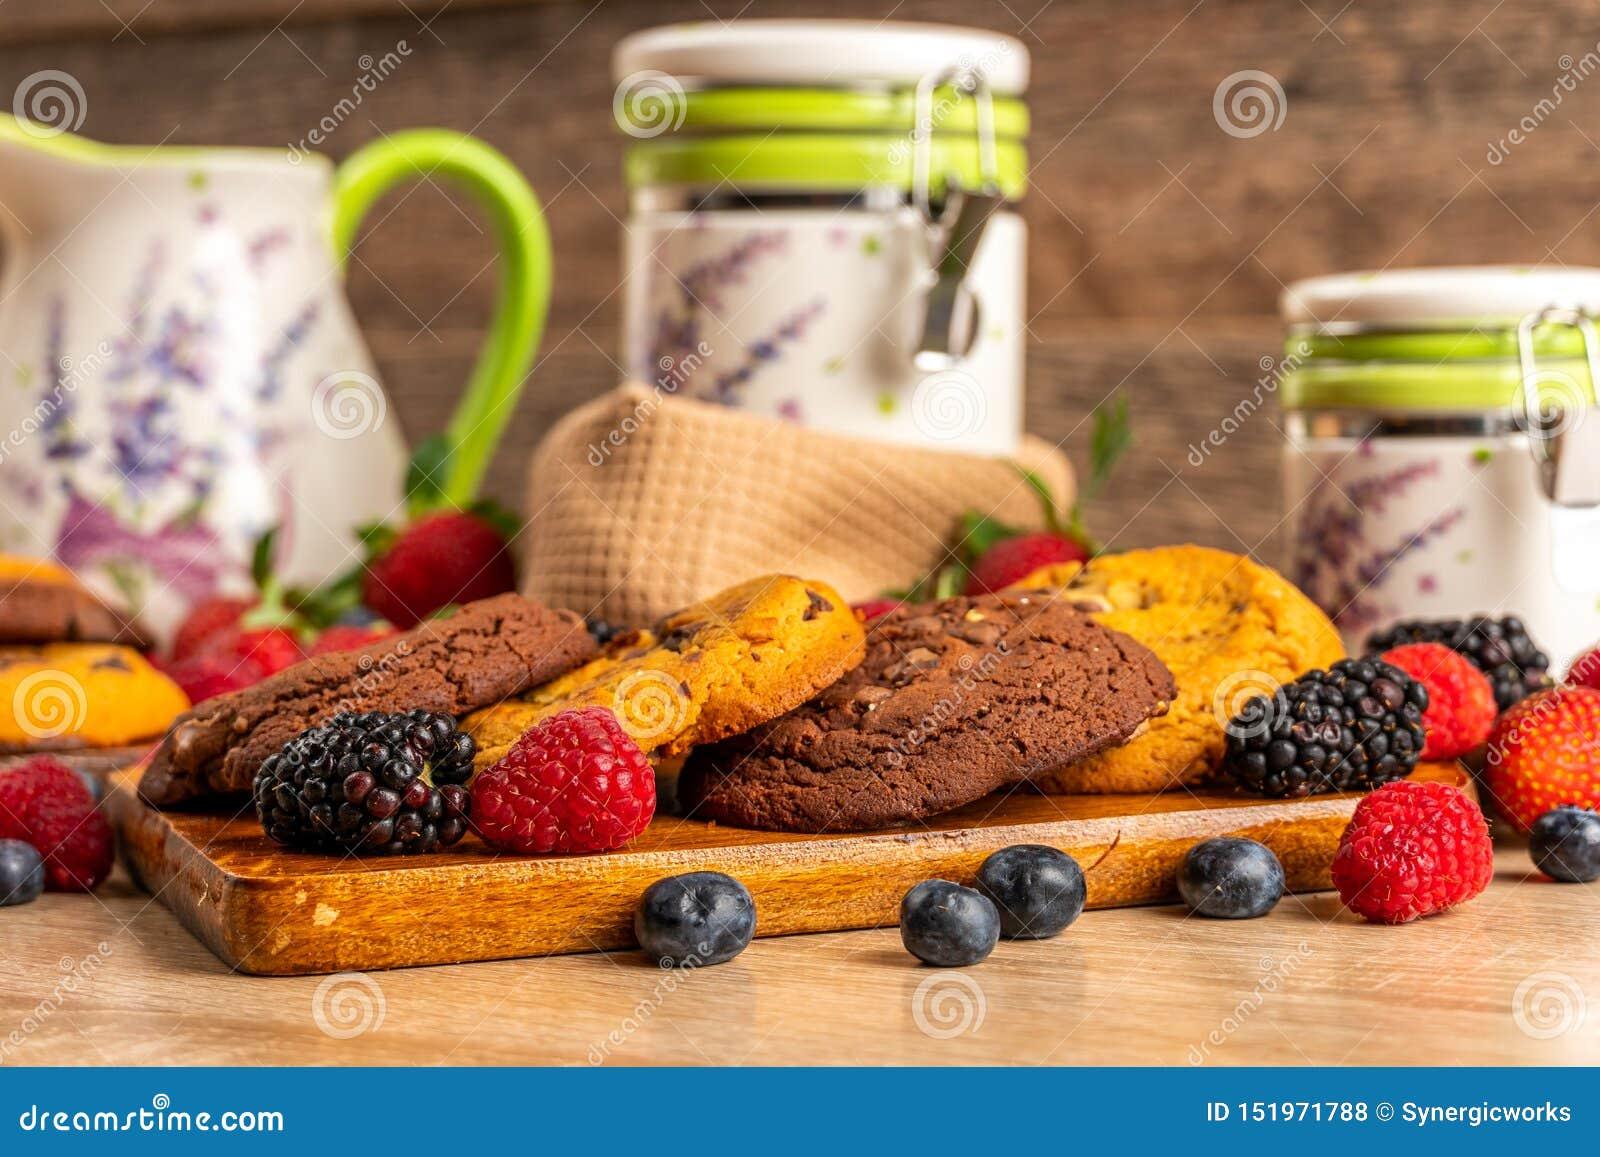 曲奇饼、莓和黑莓在木板